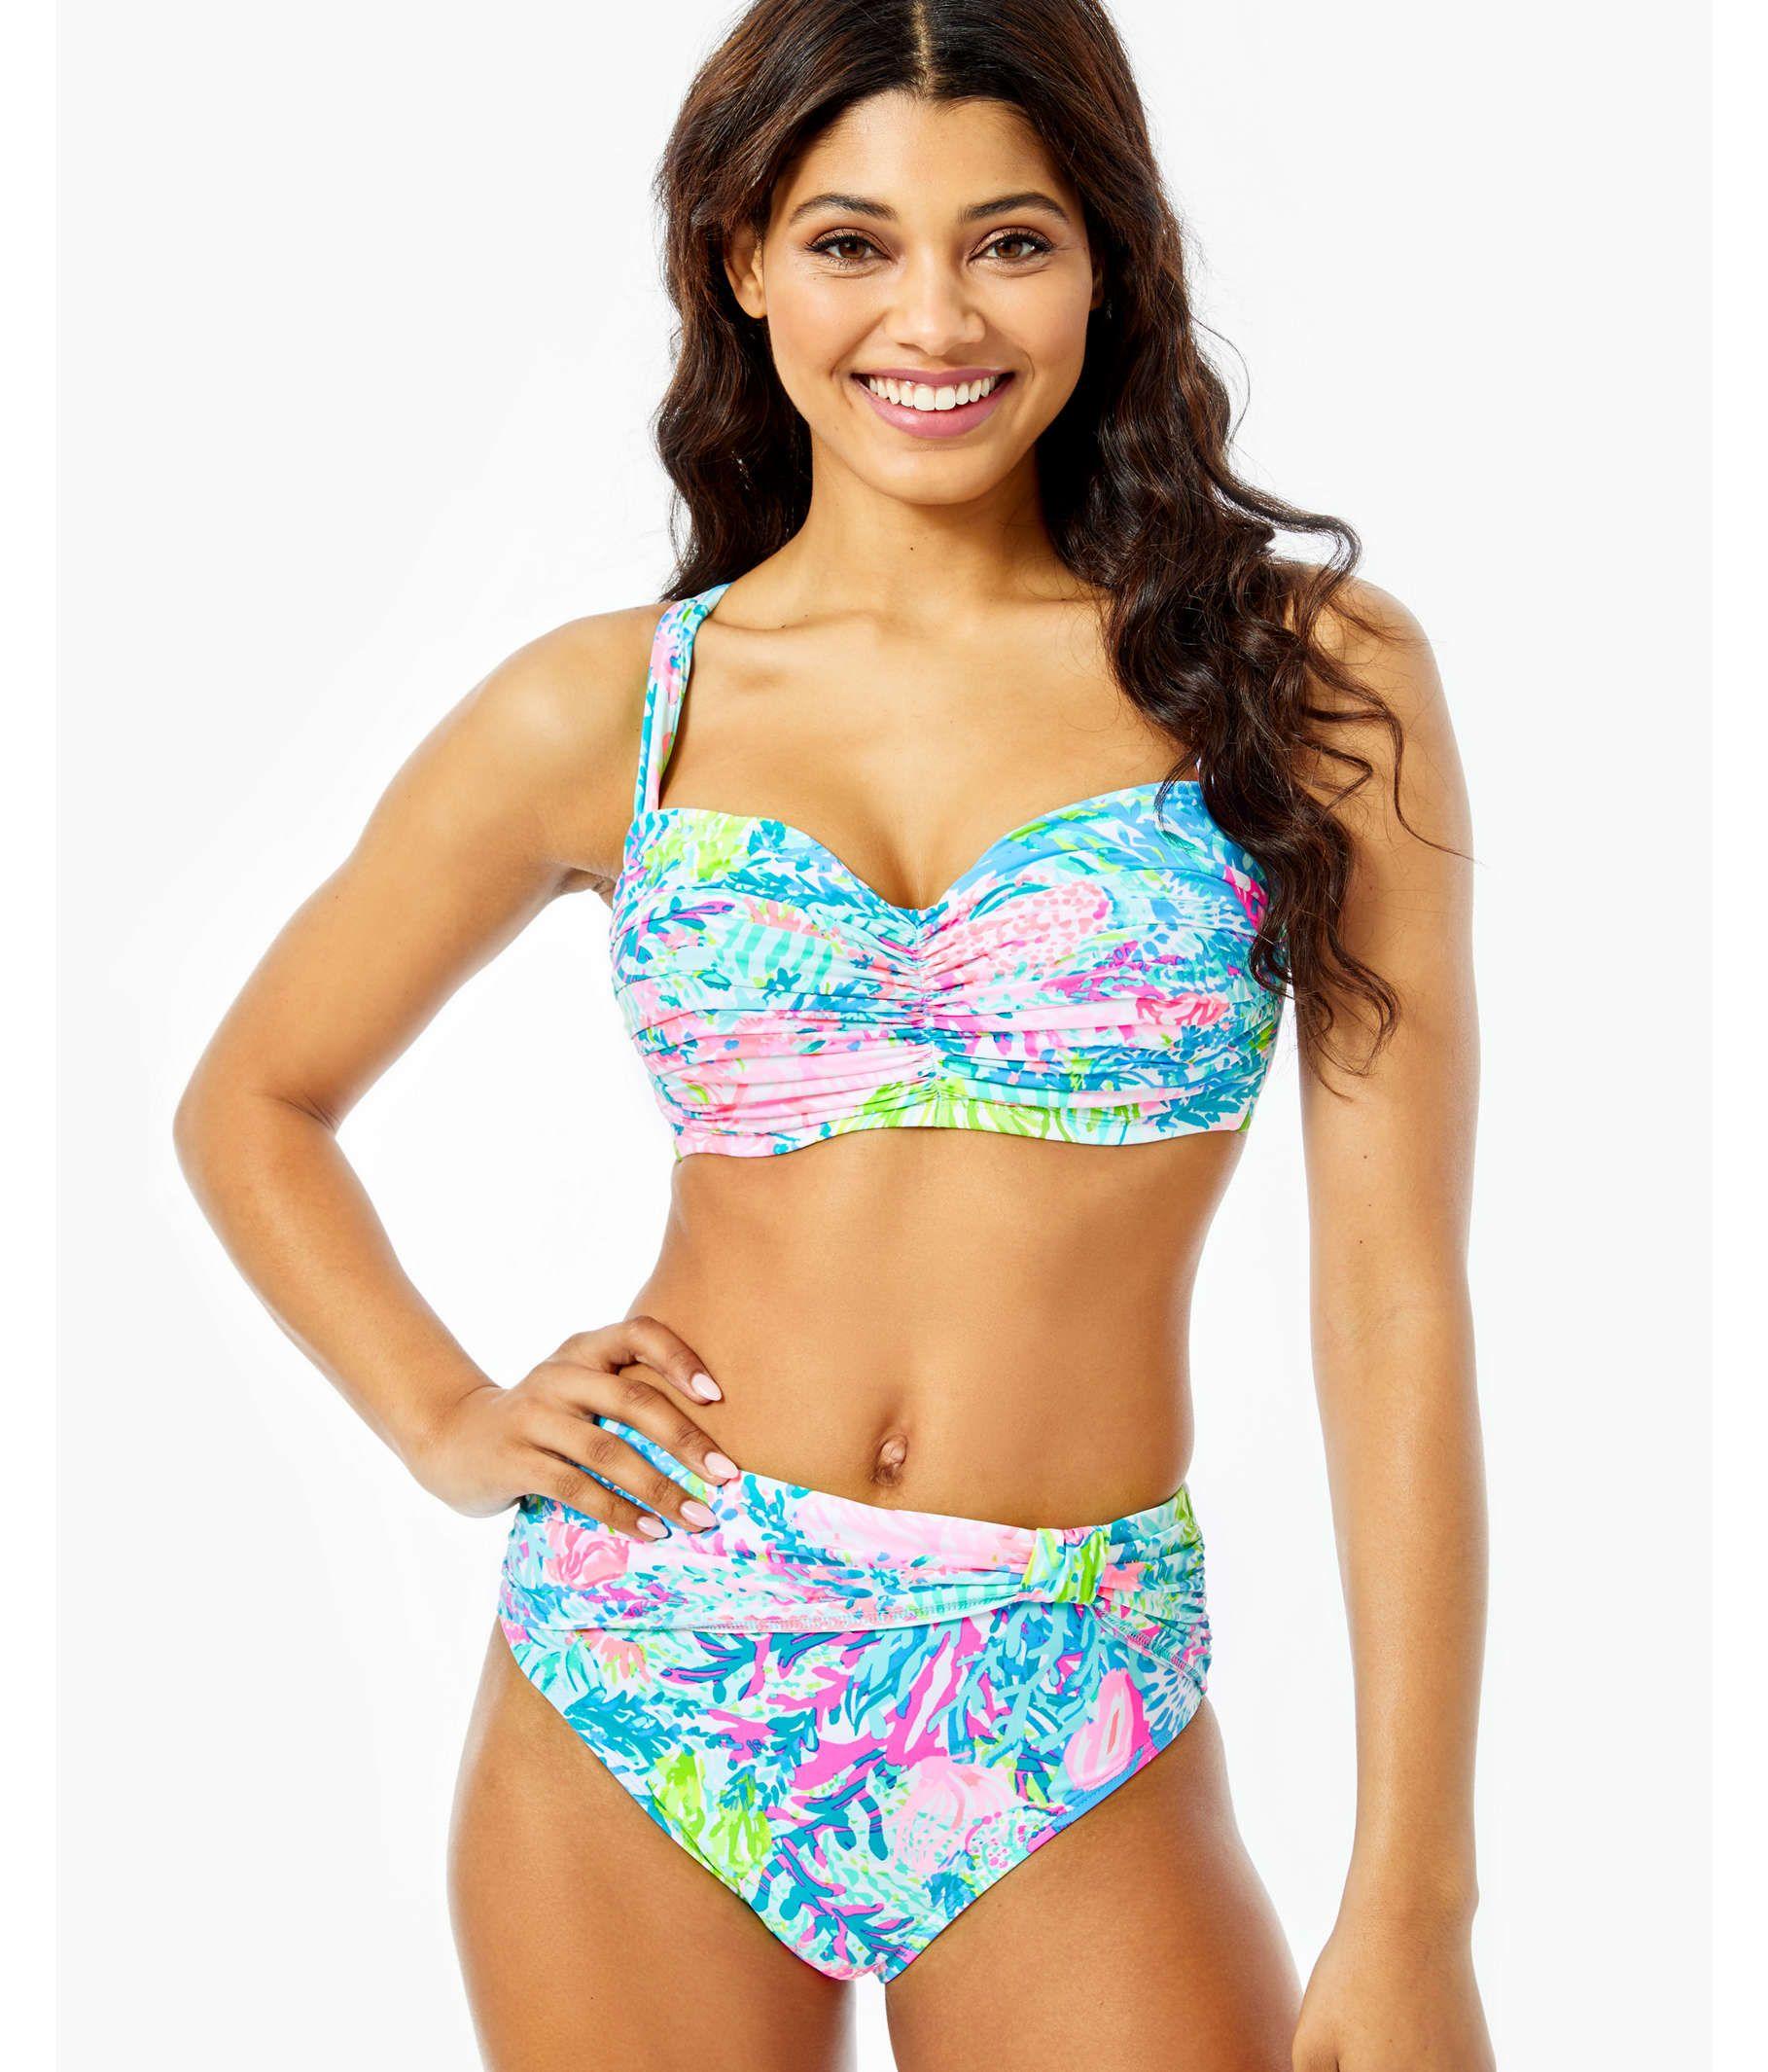 Drea Bikini Top D Cup In Multi Fished My Wish Lilly Pulitzer In 2020 Bikini Tops Bikinis Swimwear